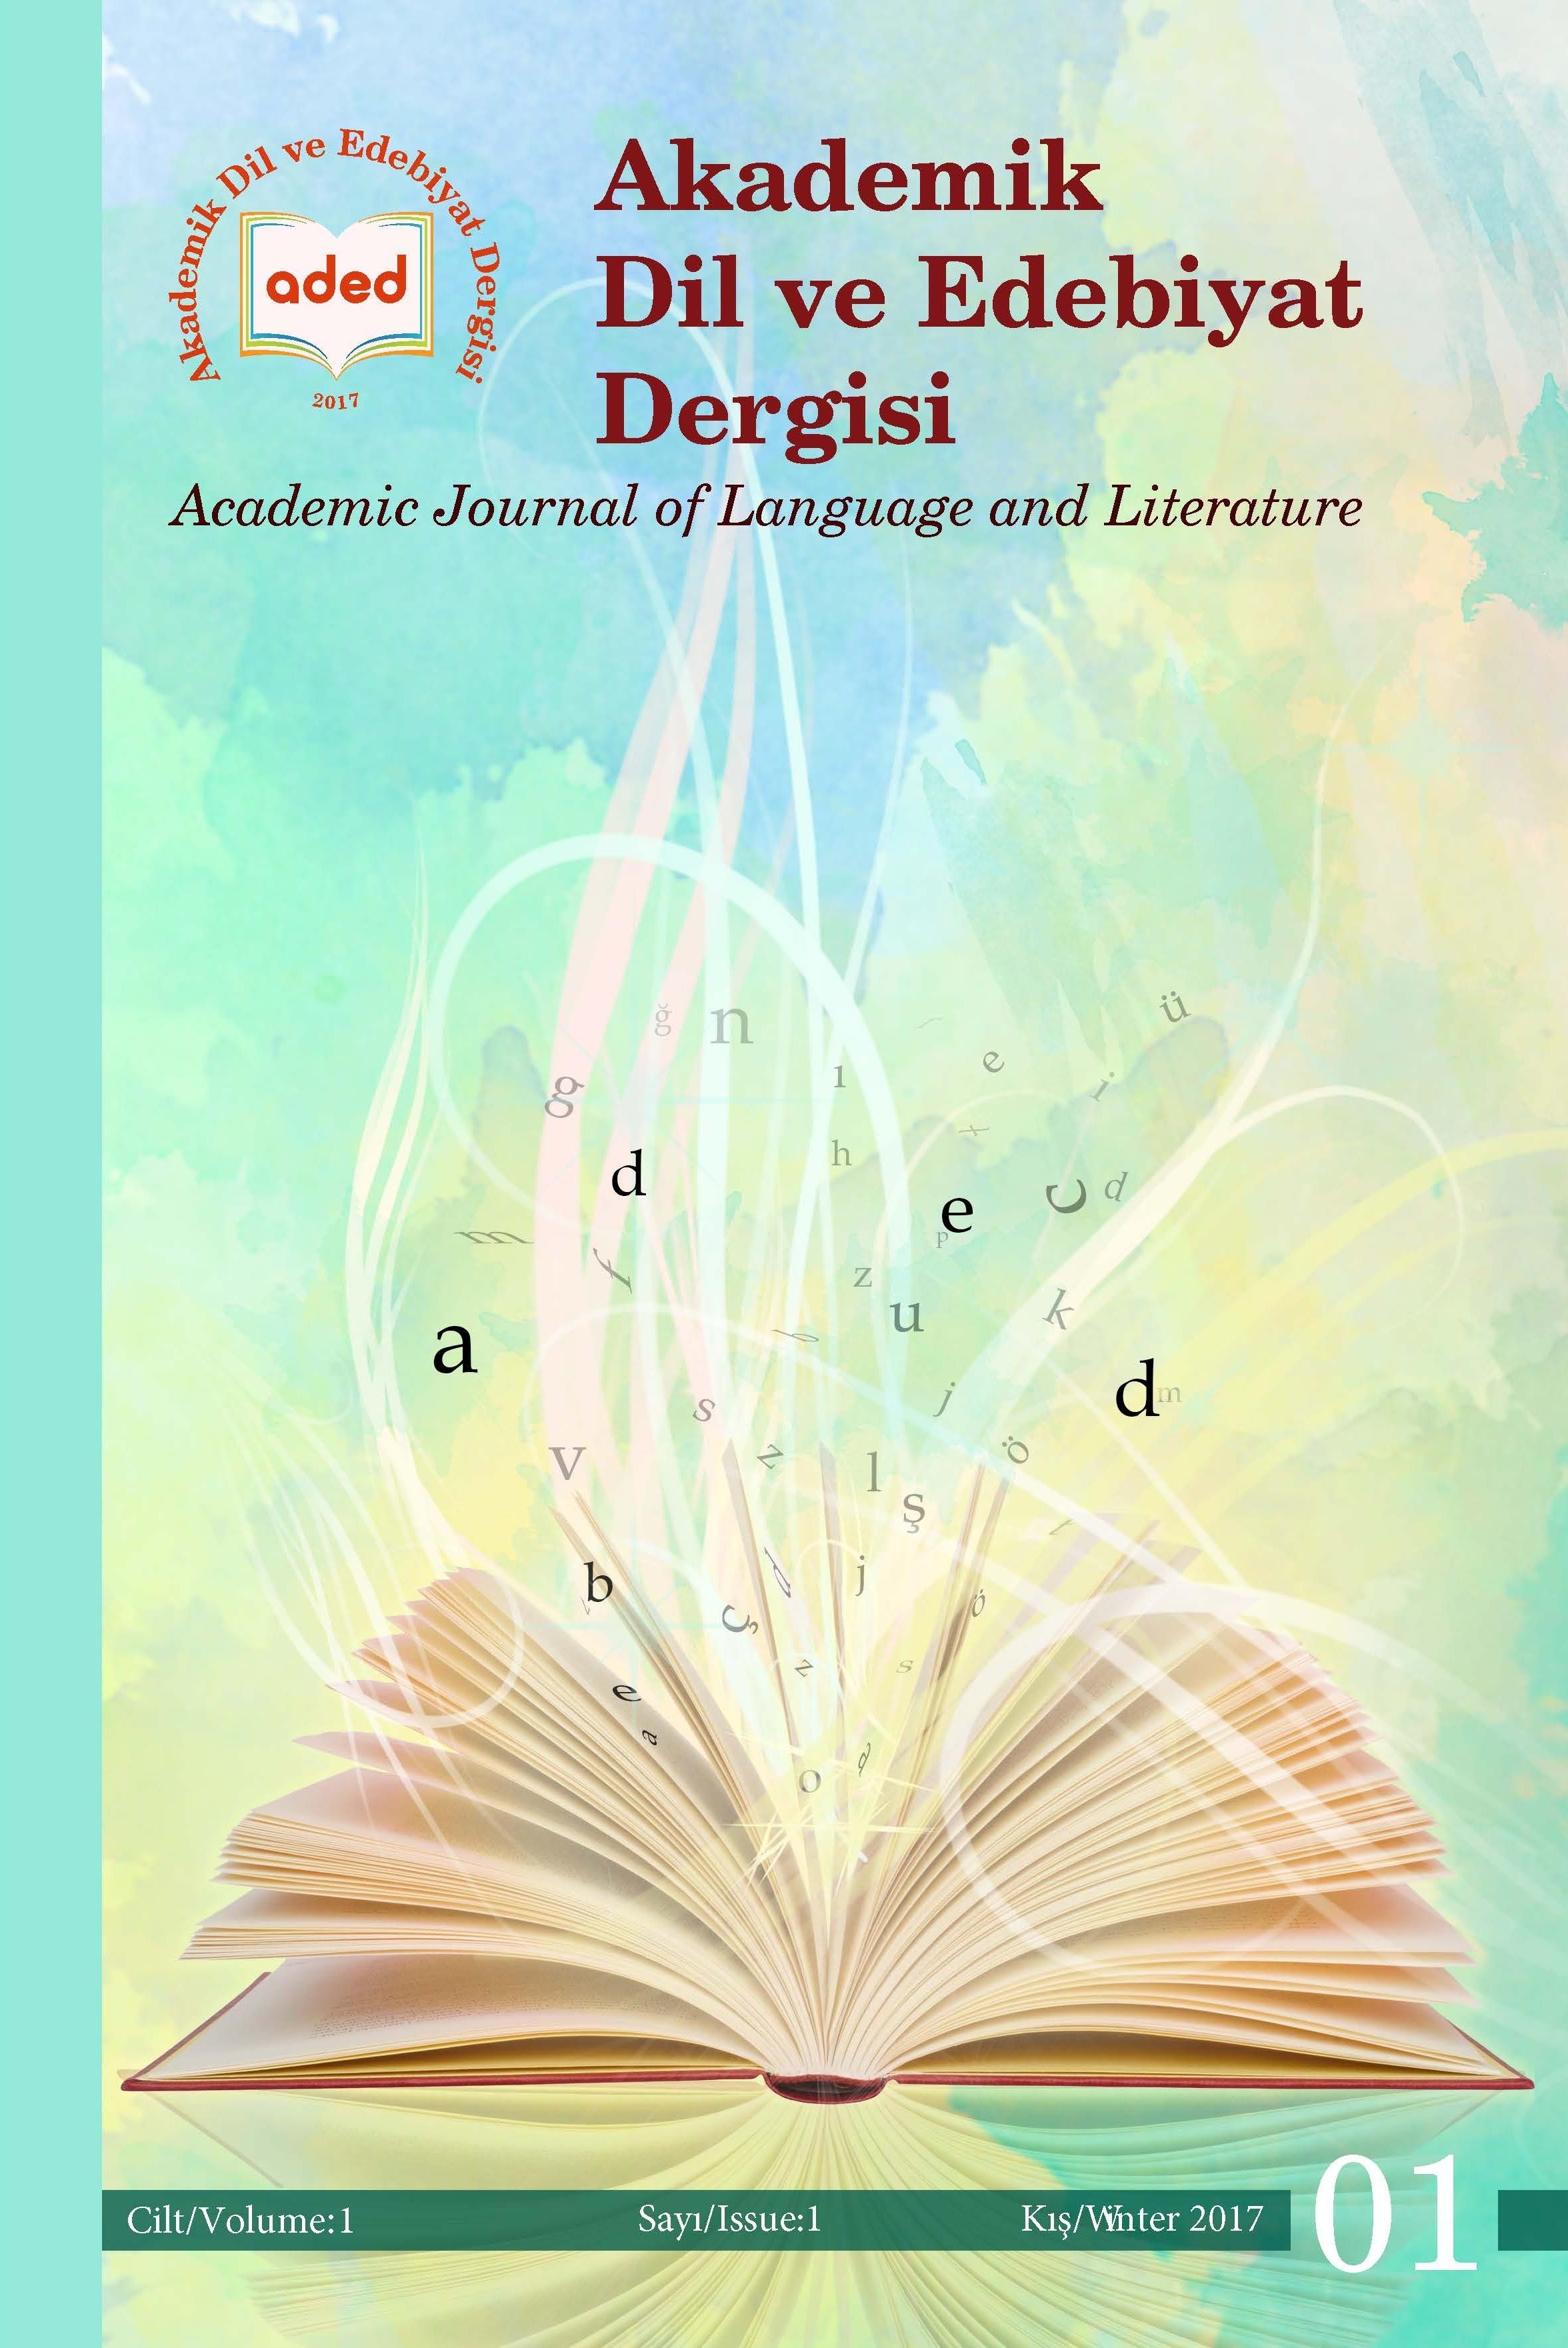 Akademik Dil ve Edebiyat Dergisi